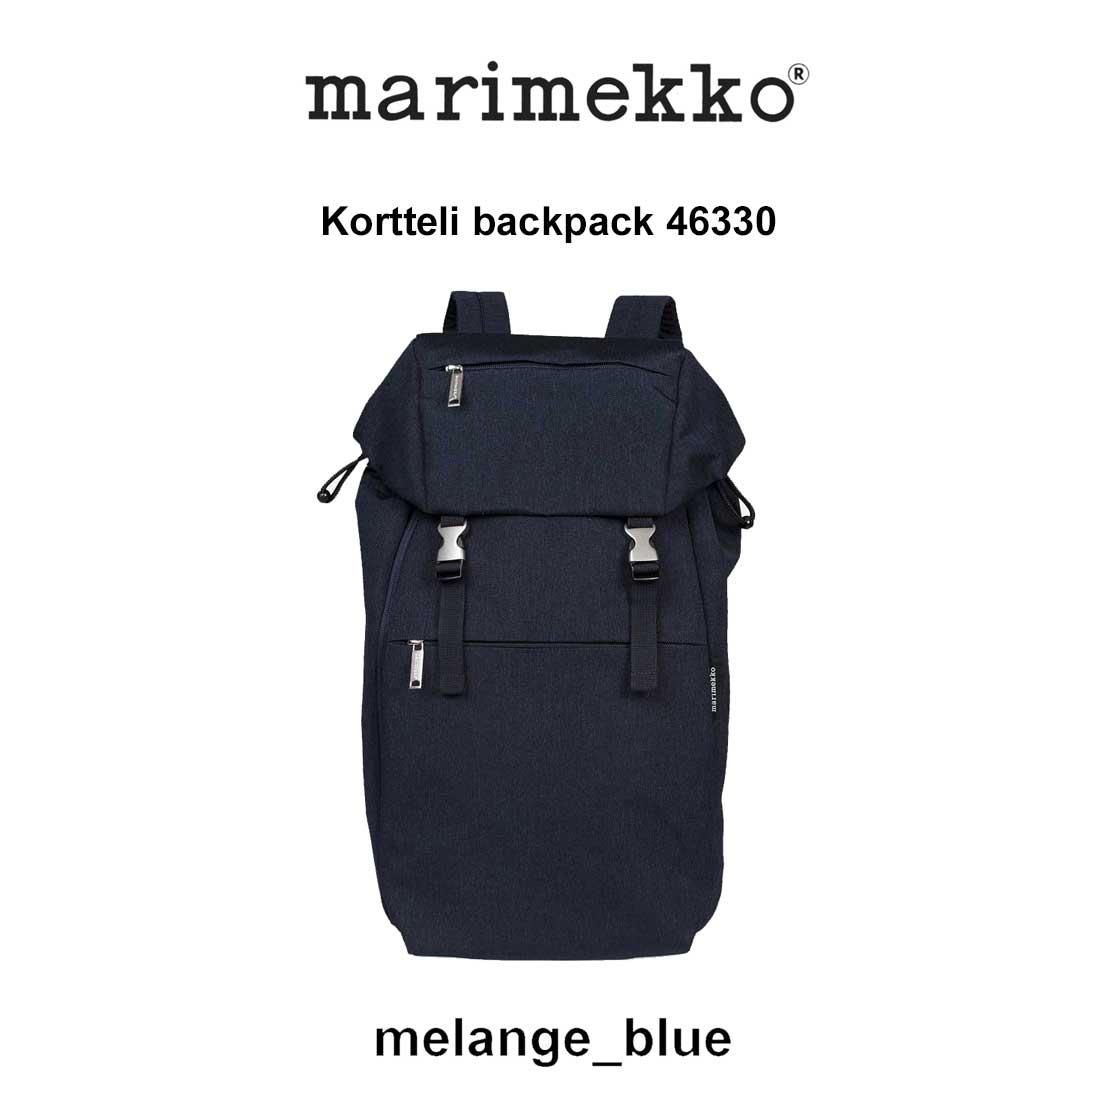 marimekko(マリメッコ)バッグ バックパック リュック コルッテリ Kortteli backpack 46330